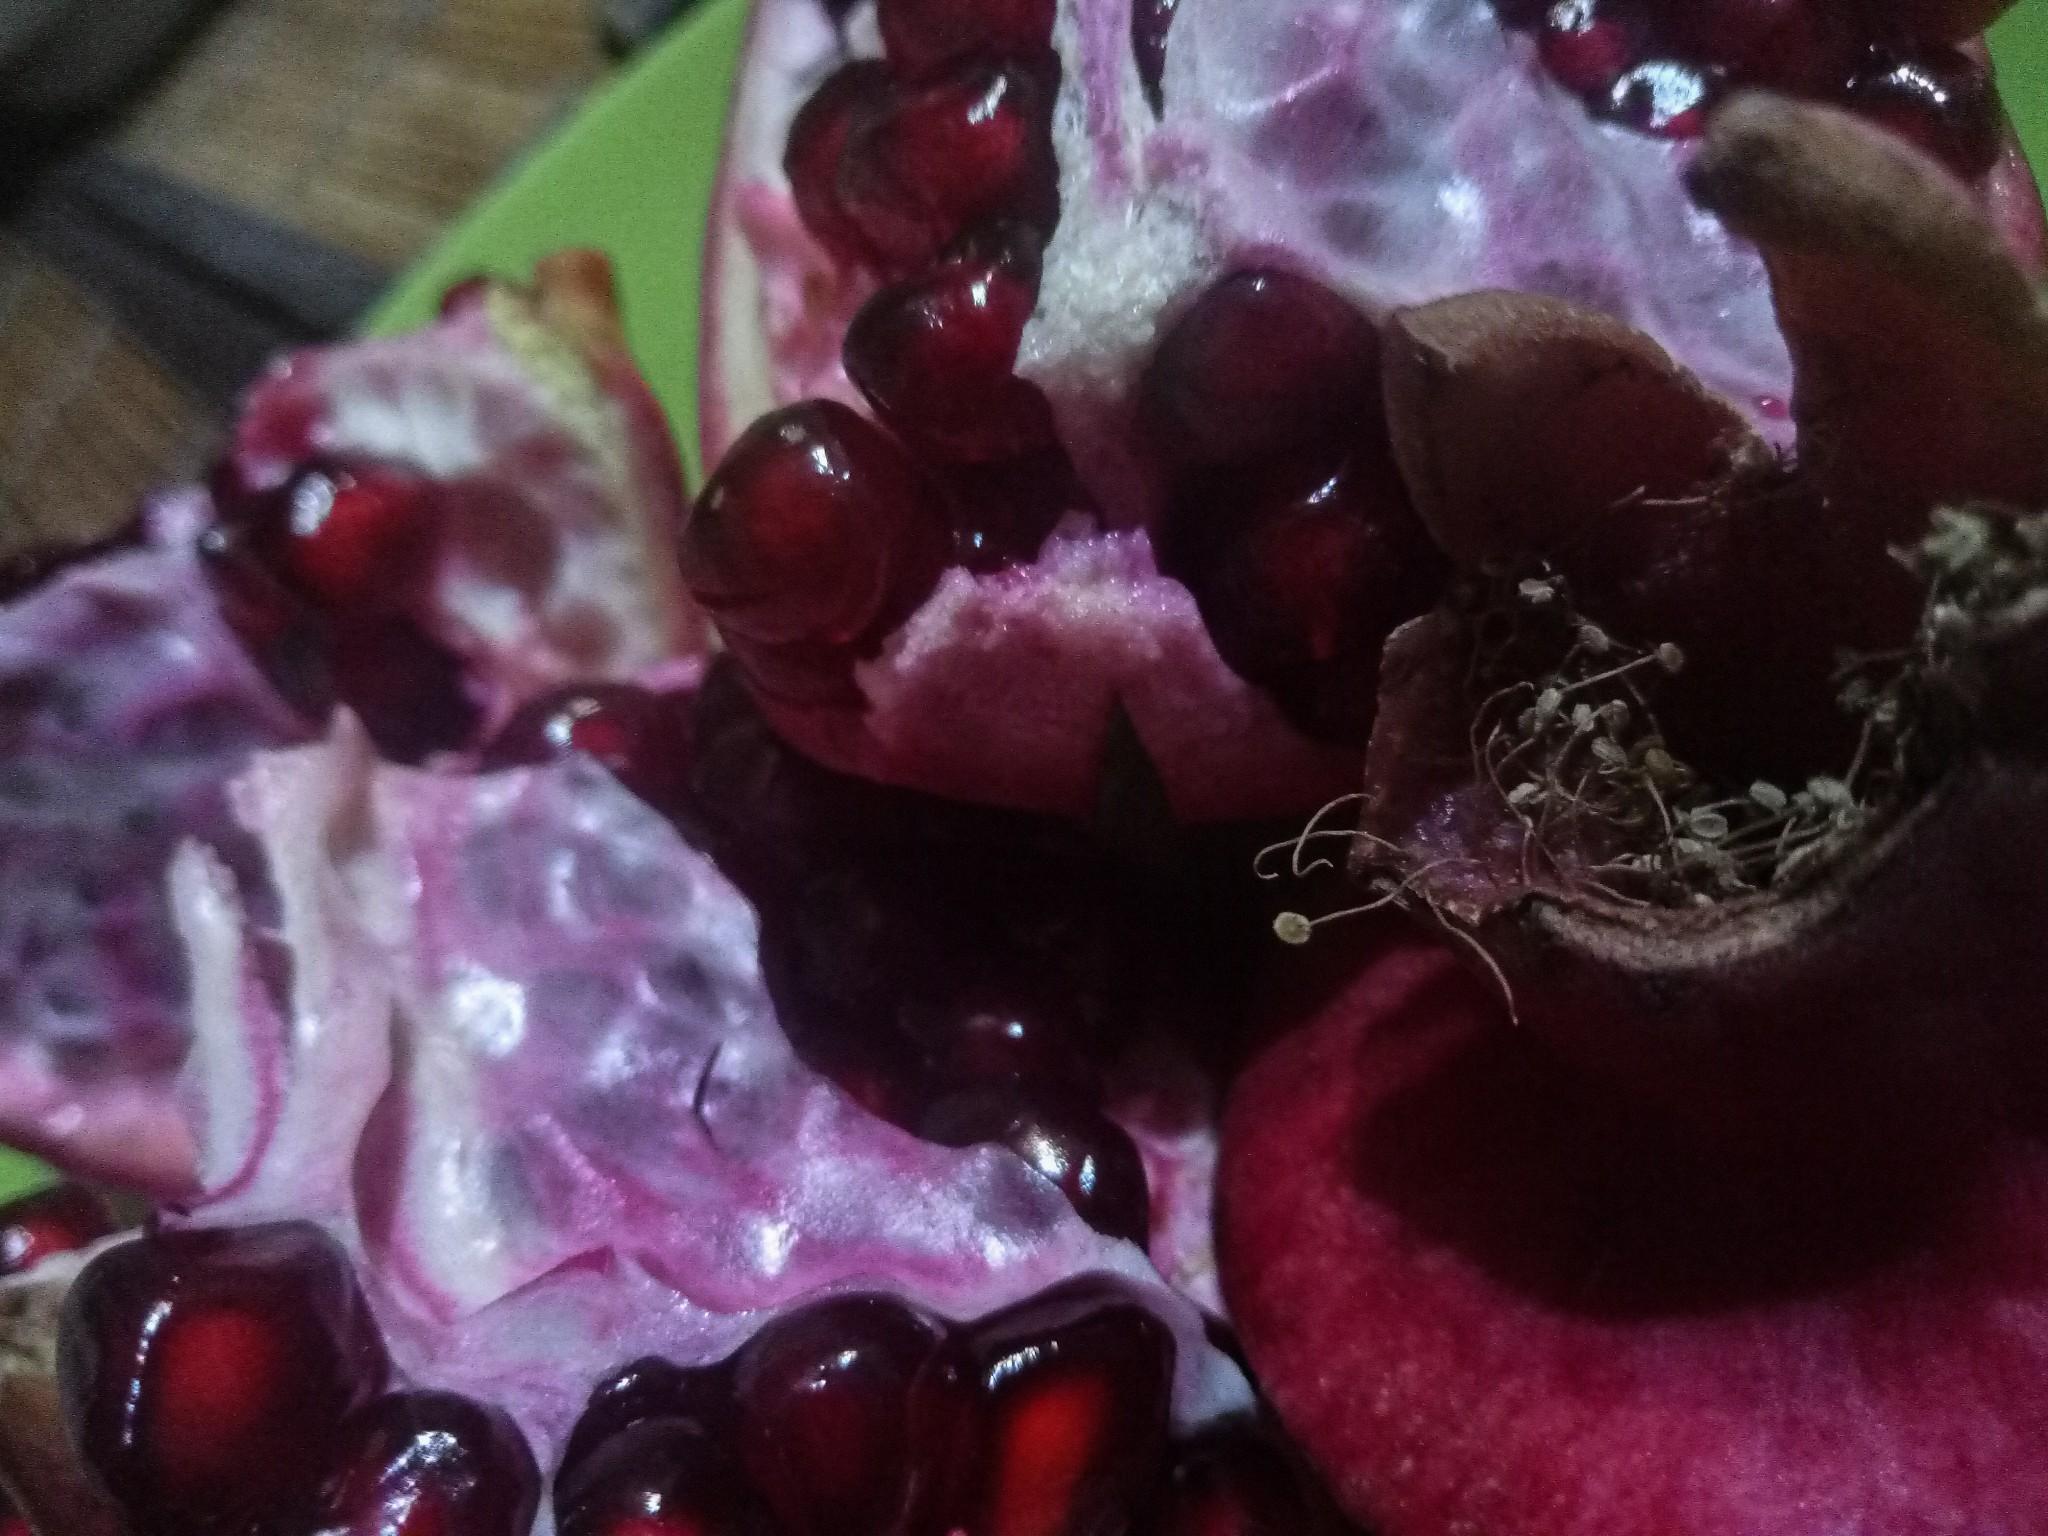 Garnet beautiful photos